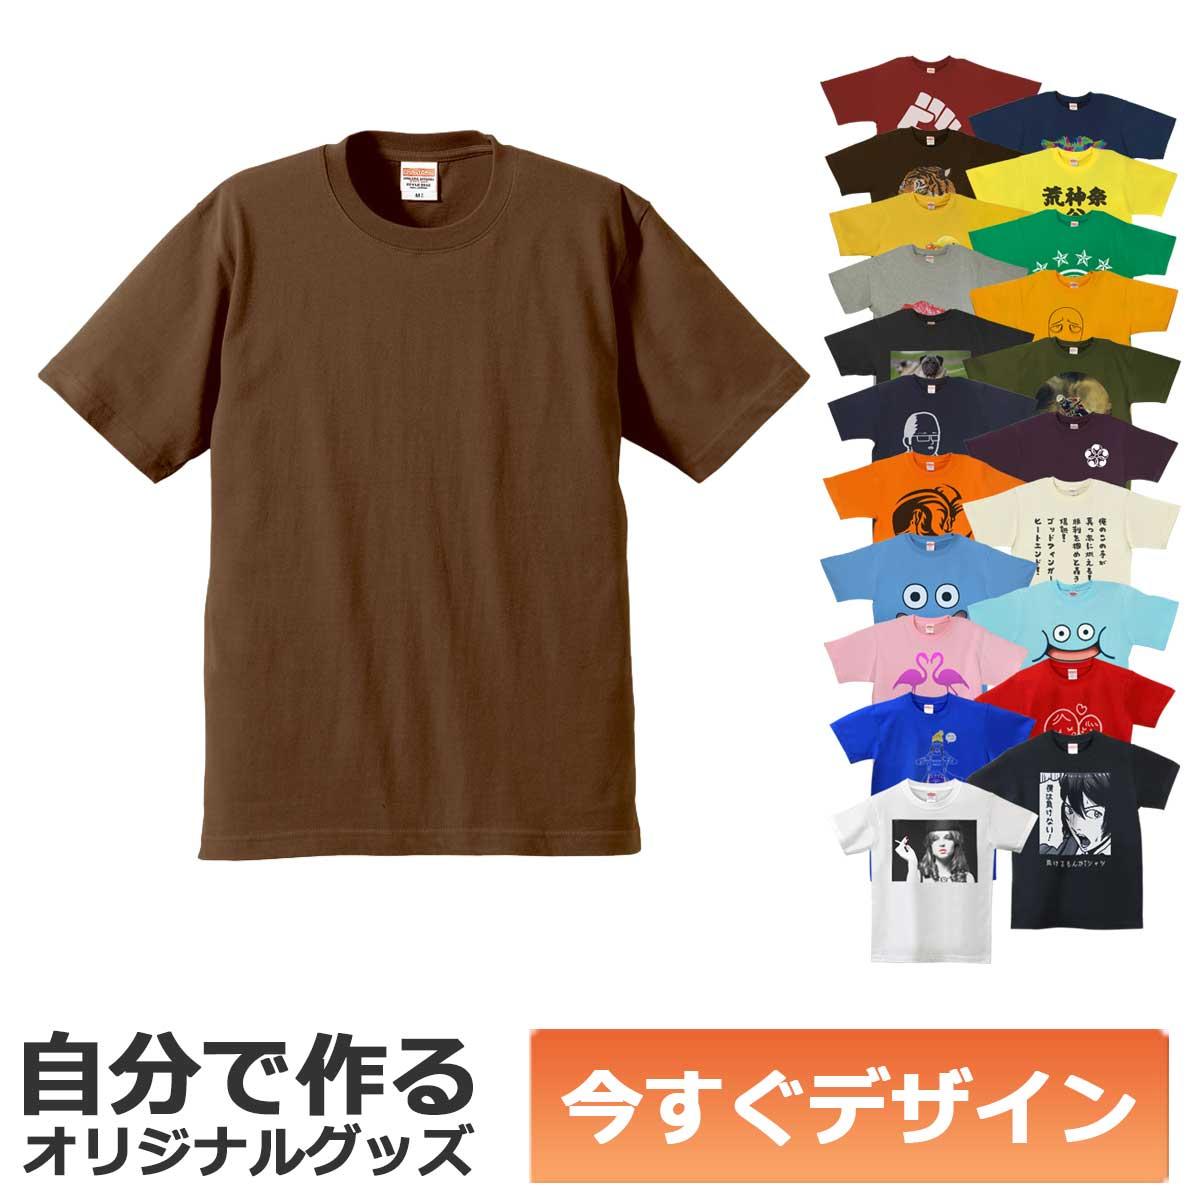 [あす楽][名入れ][両面OK][ギフト][ペア][チームTシャツ] 【即納可能】1枚から作れる 自分でデザイン オリジナル Tシャツ ダークブラウン 6.2oz プレミアム メール便可